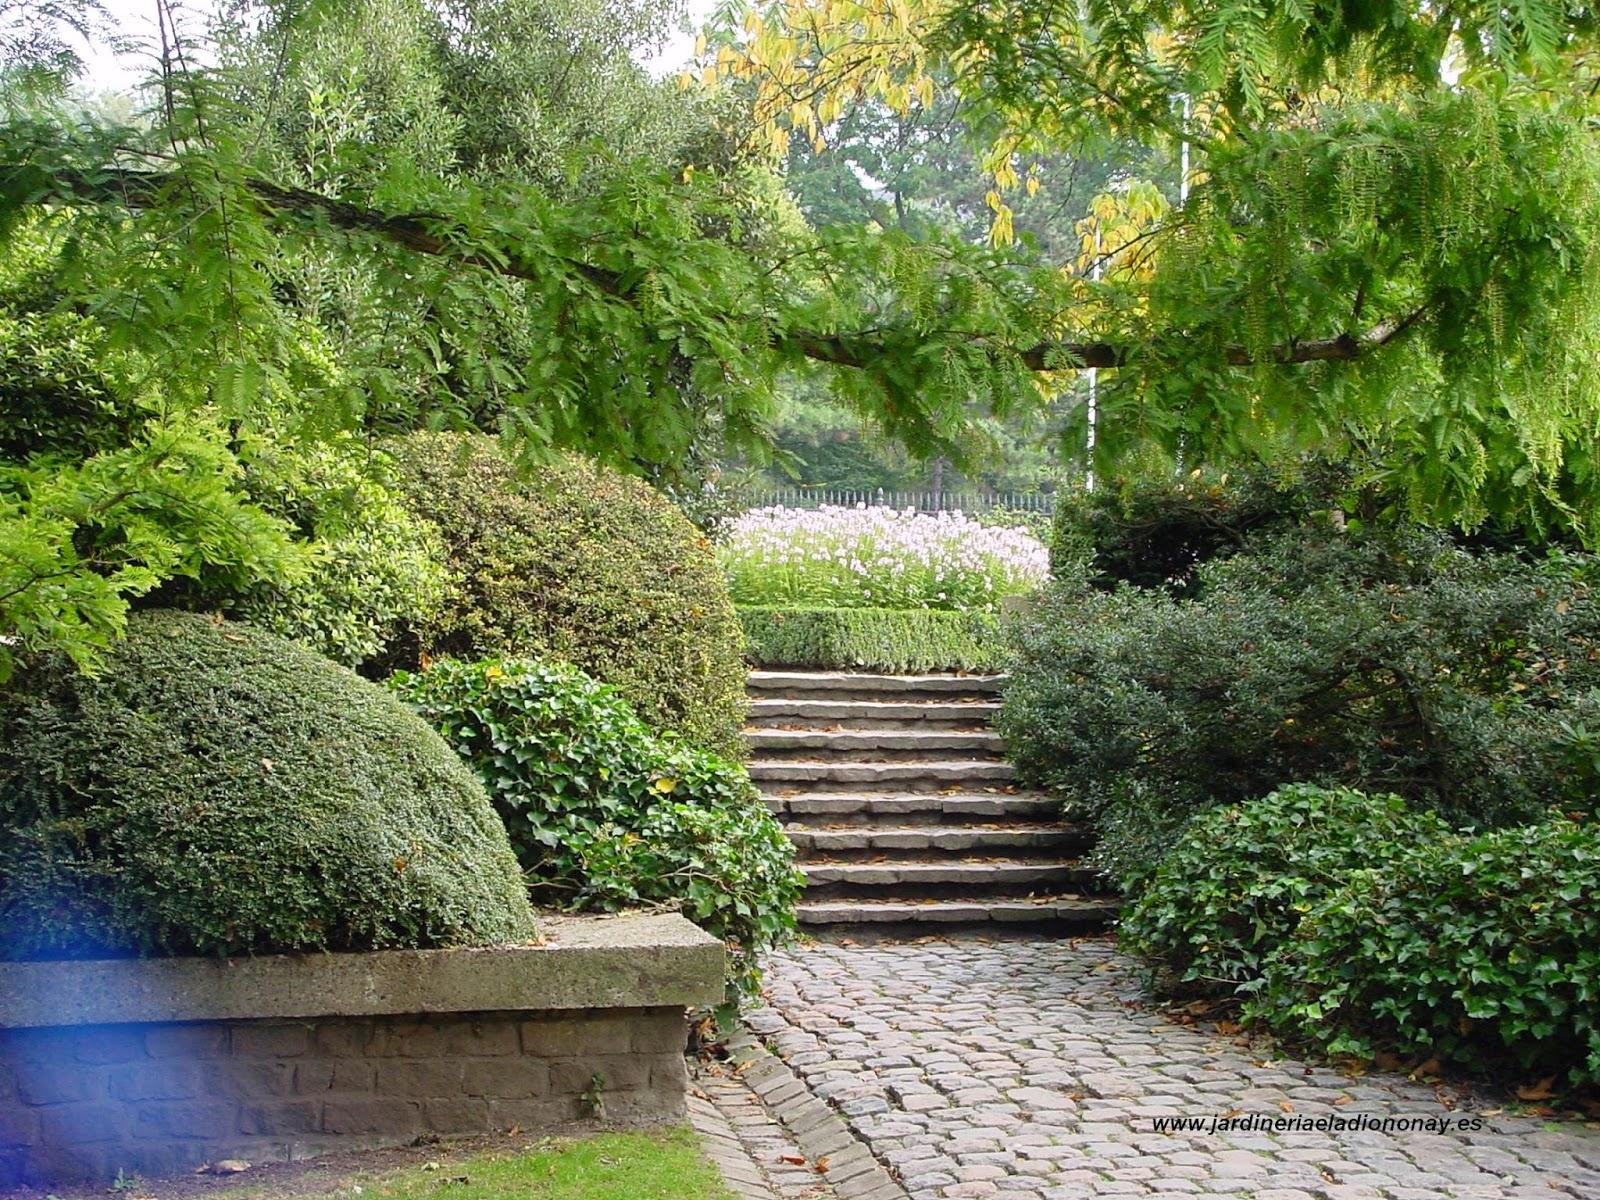 Escalera jardin simple interesting blanco miniatura resina puente escalera jardn hada ornamento - Escaleras jardin ...